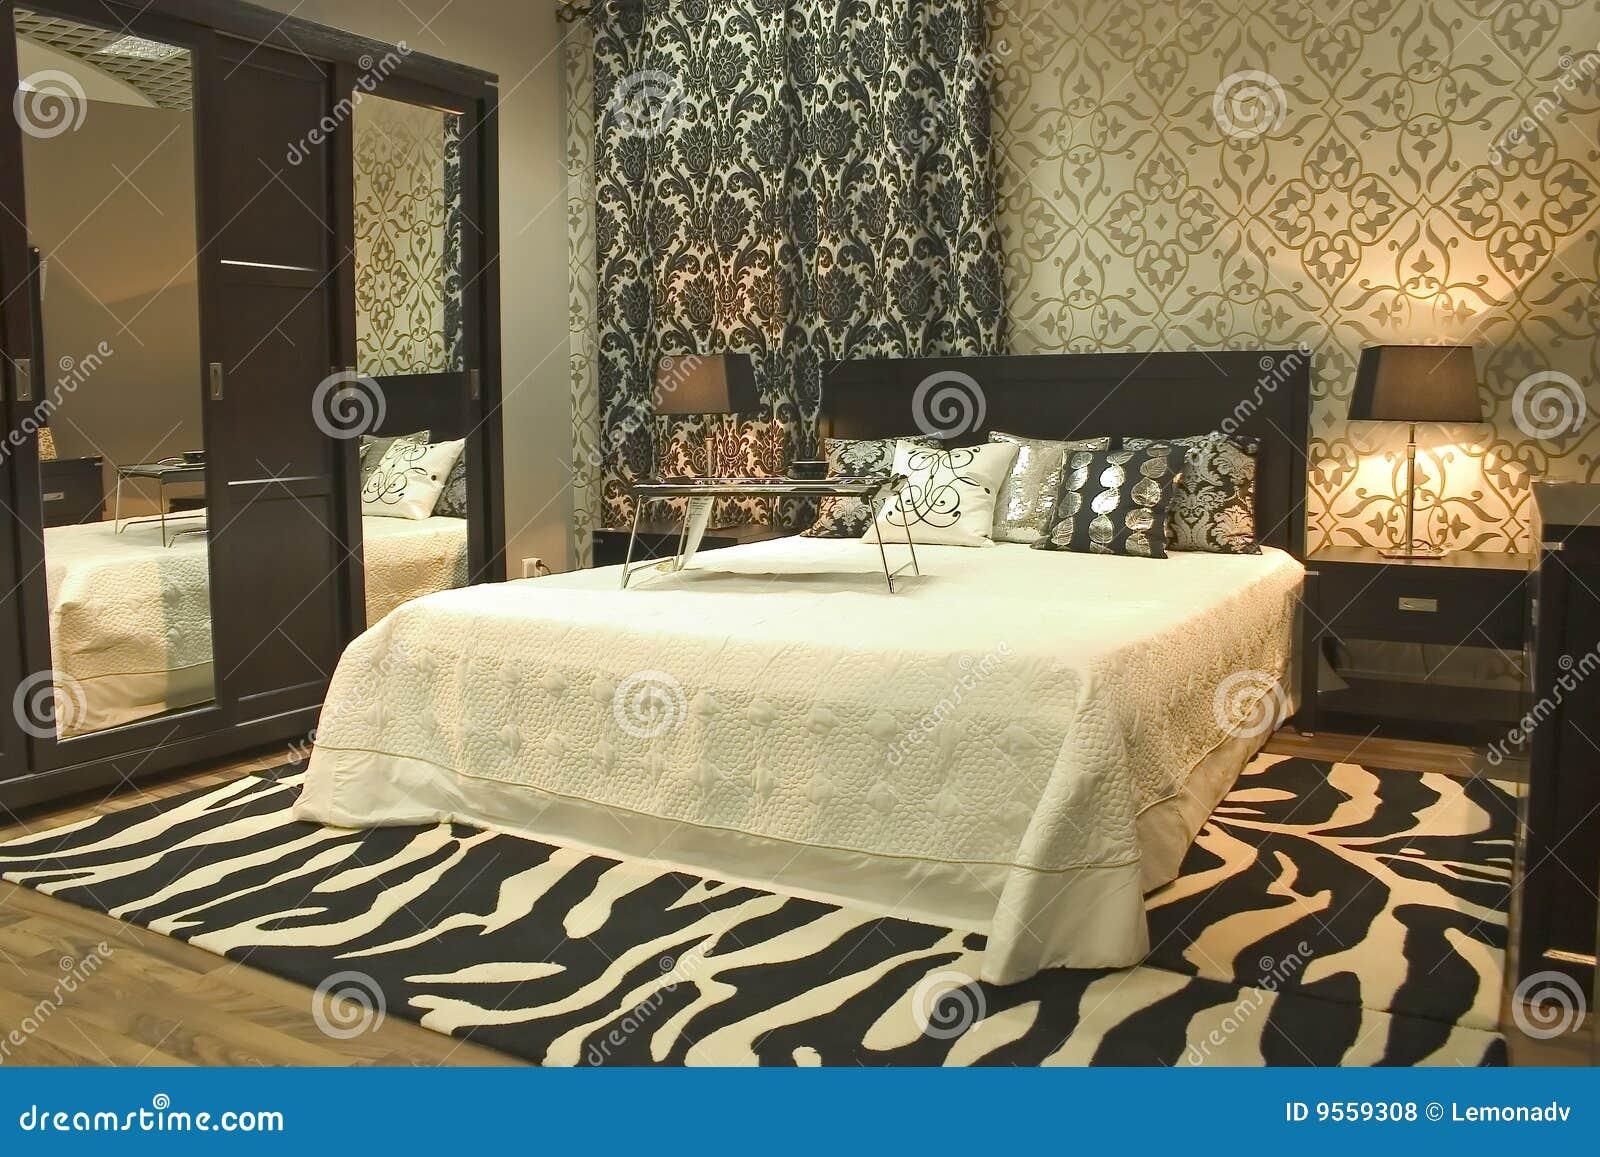 Moderne Interieur De Chambre A Coucher Photo Stock Image Du